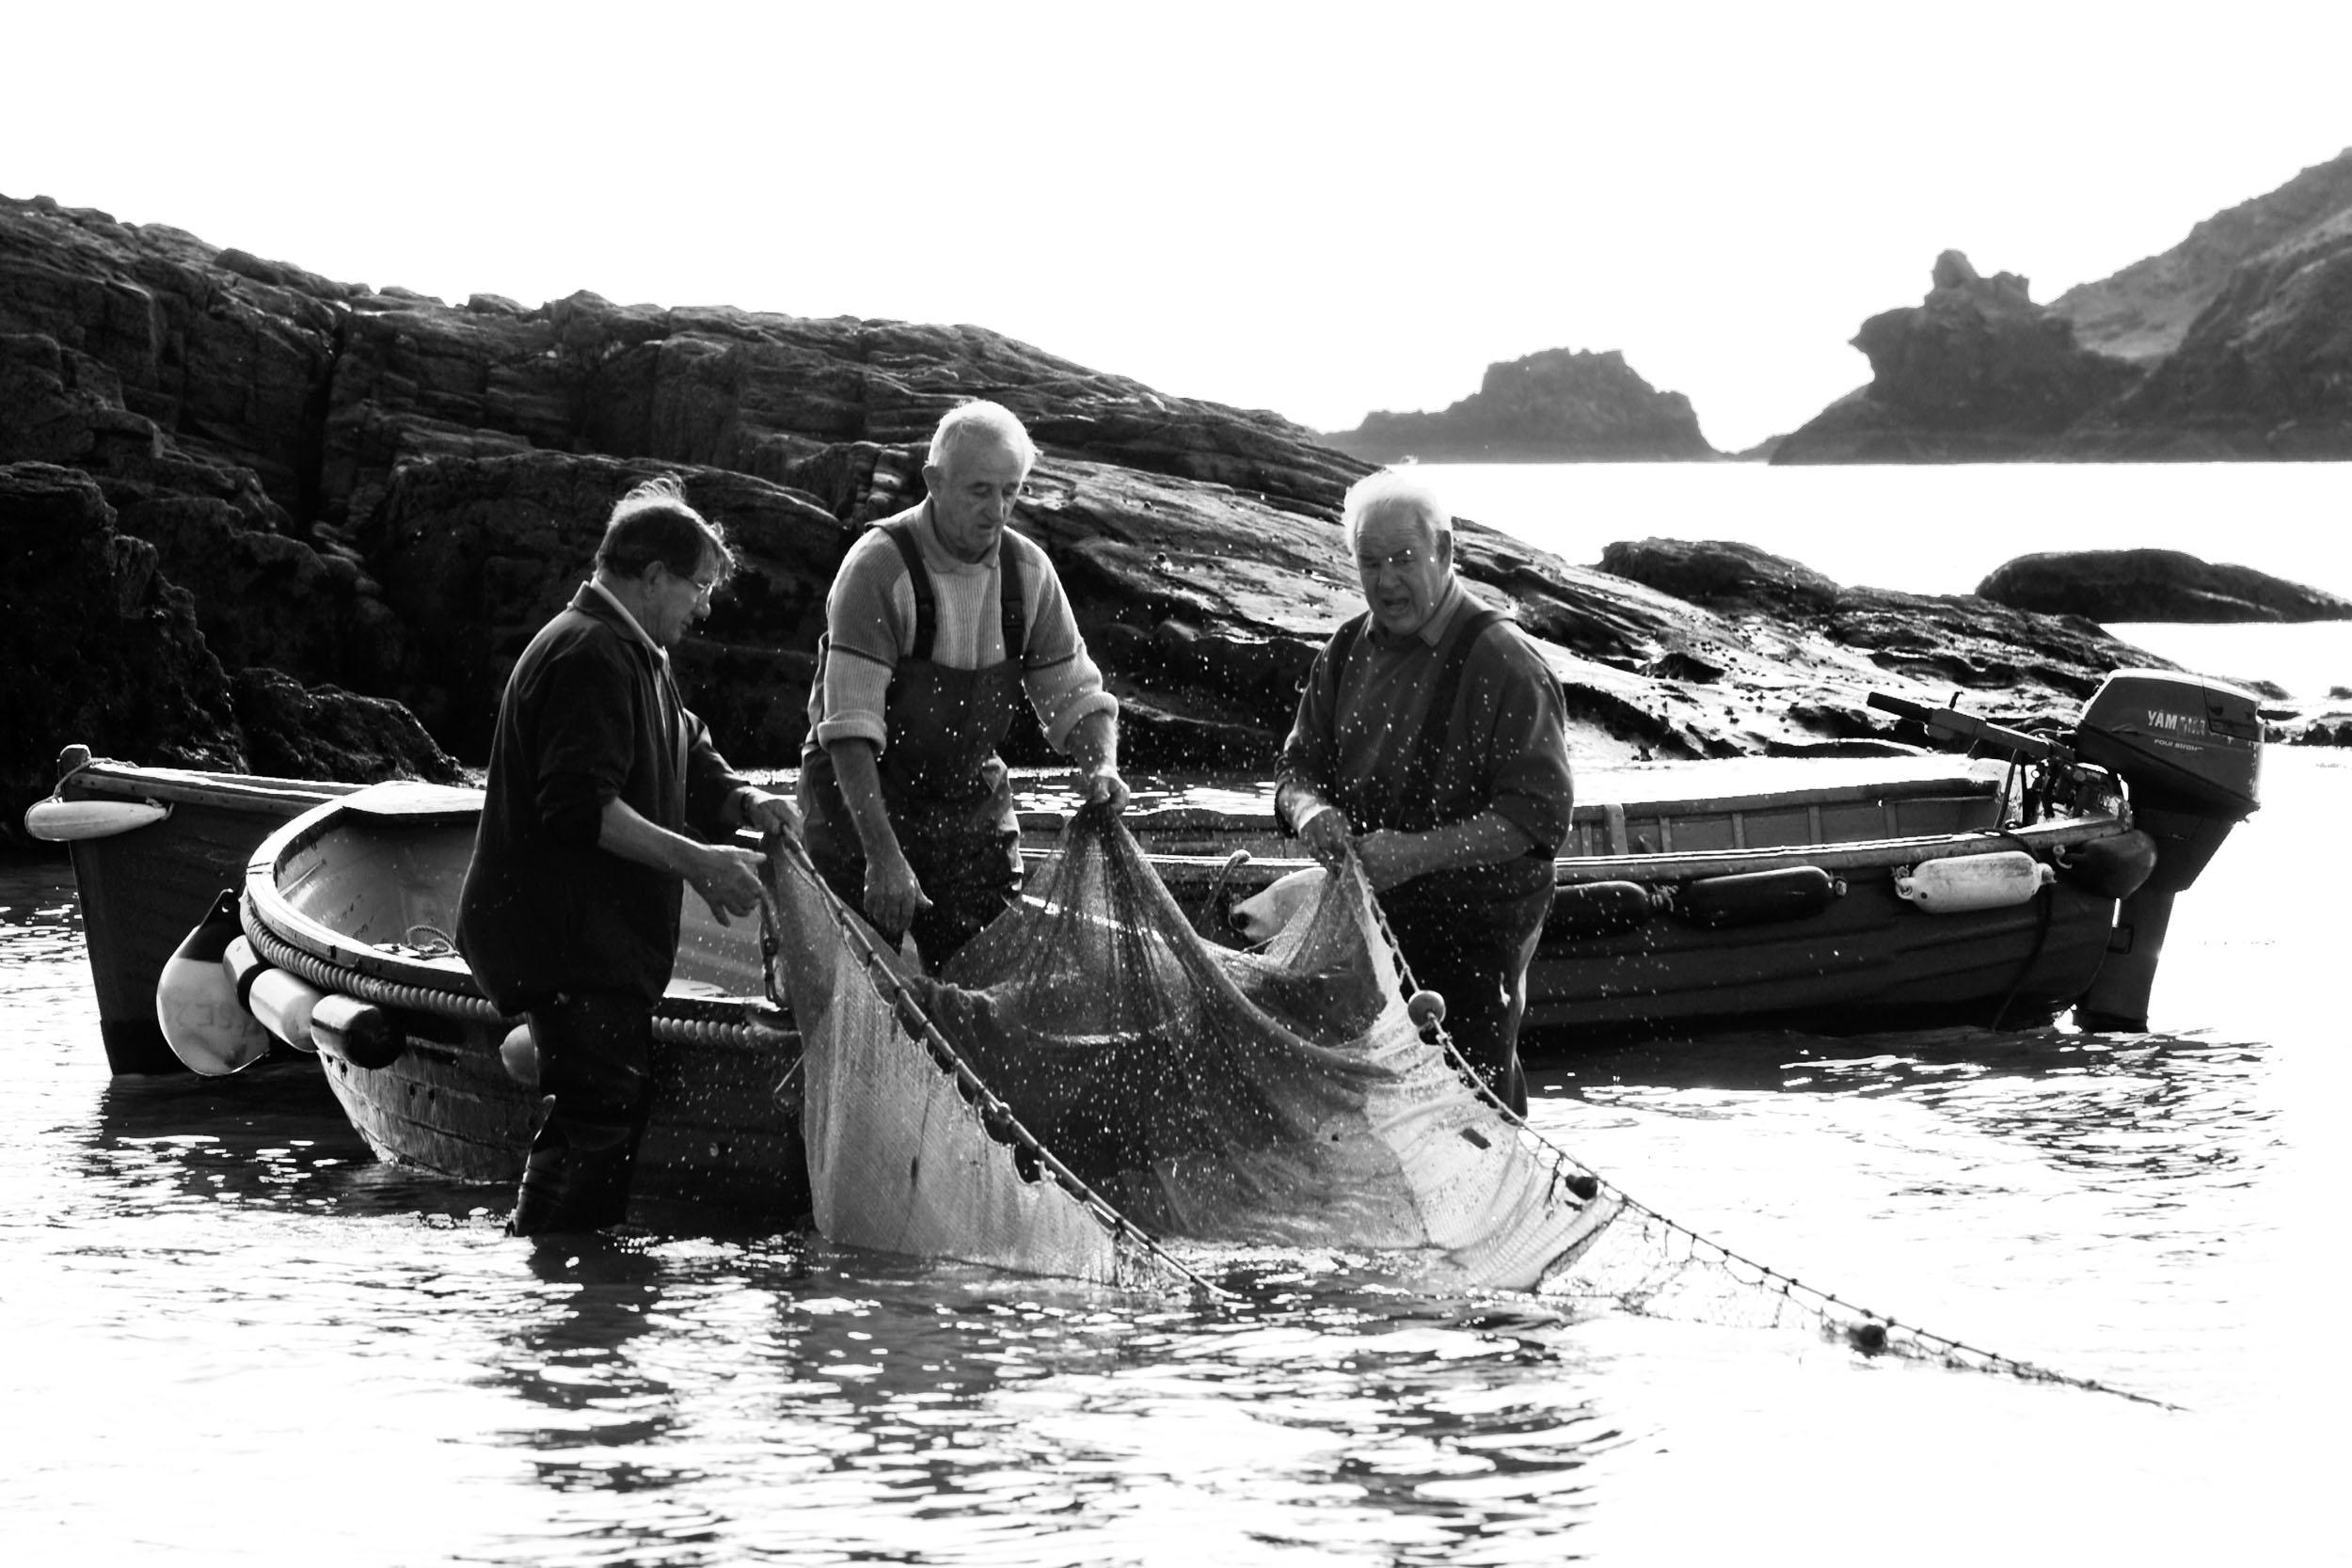 3 Fishermen 12X8 9681.jpg